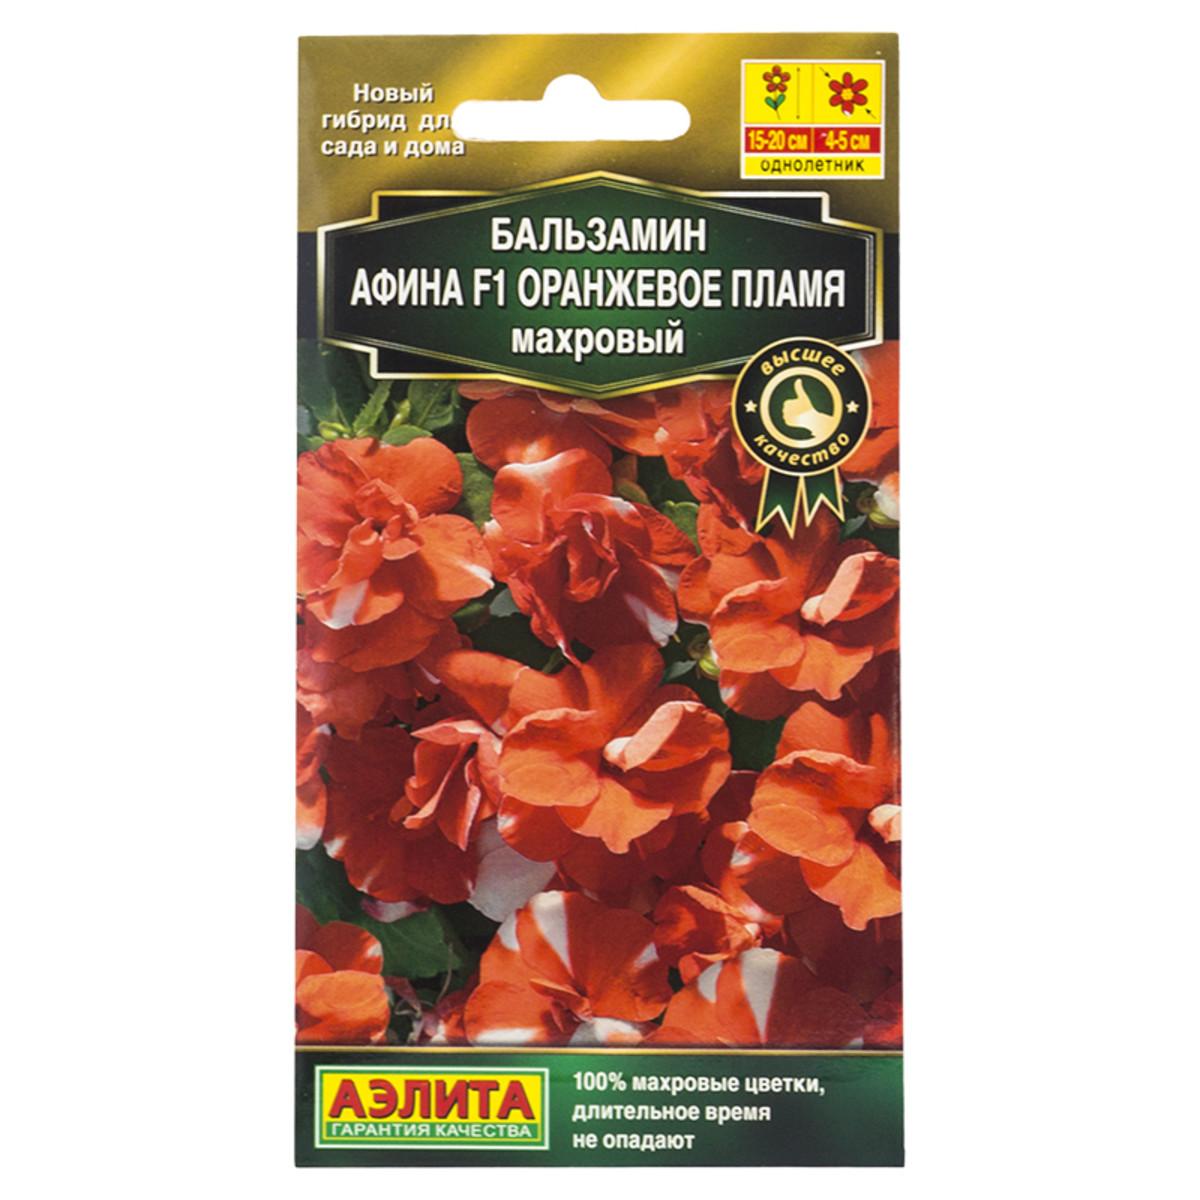 Бальзамин махровый оранжевое пламя «Афина» F1